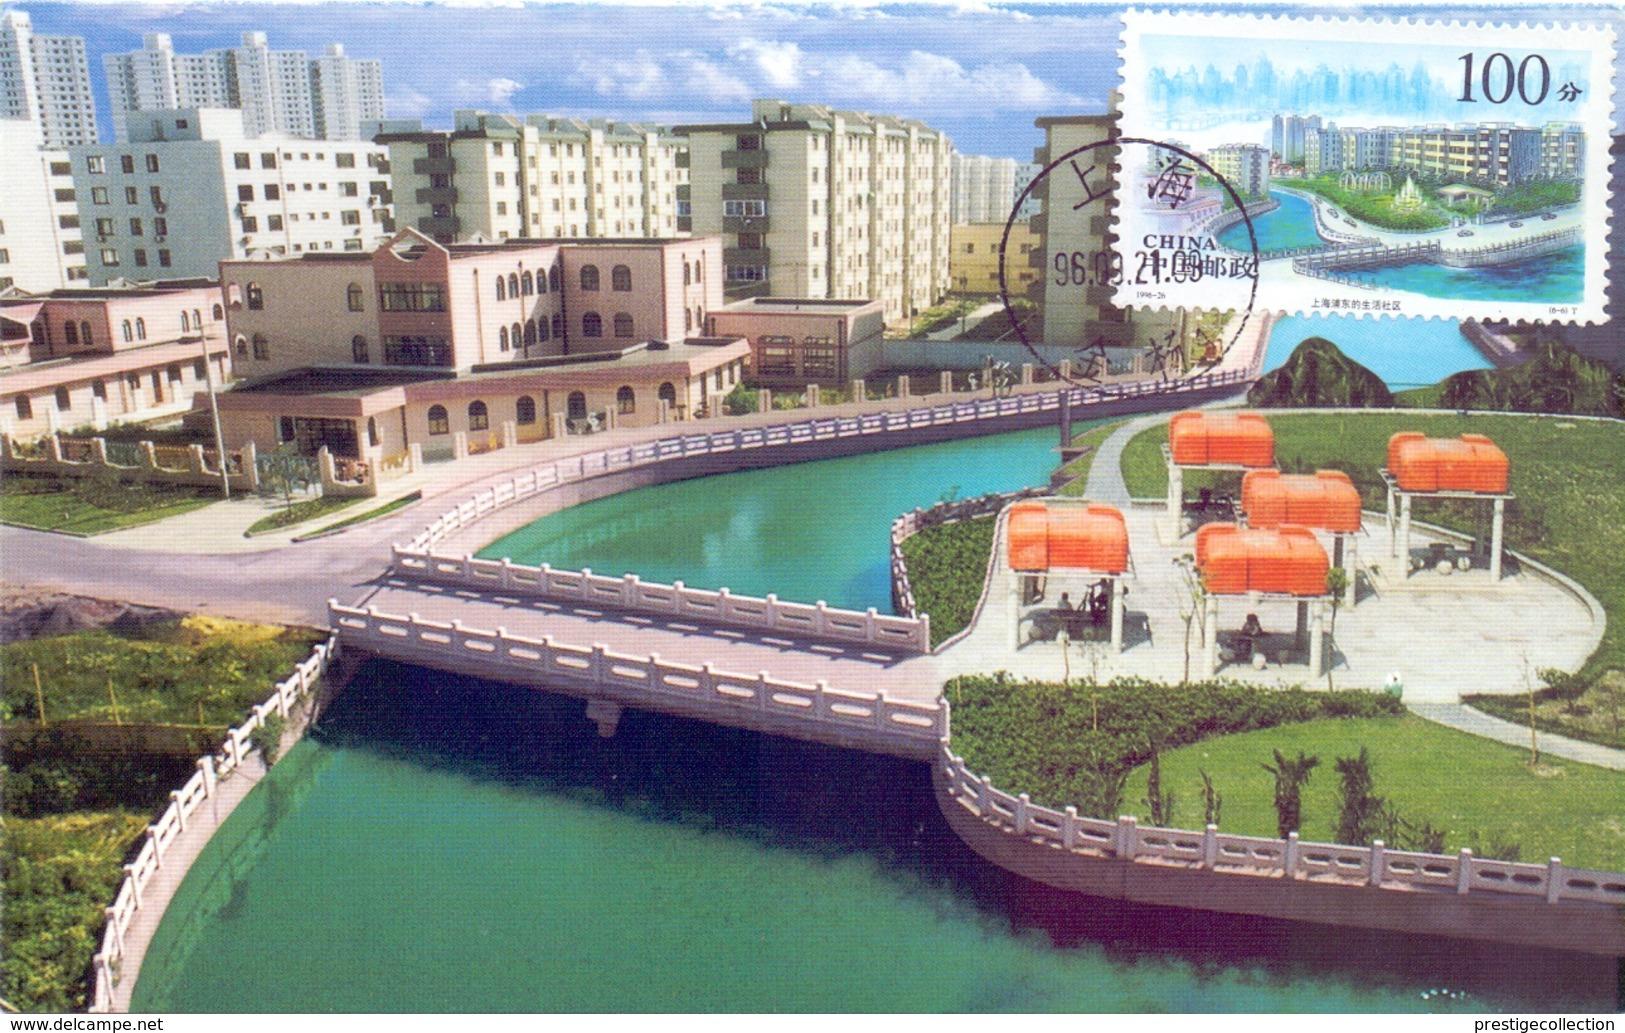 CINA LA NUVELLE ZONE DE DEVELOPPMENT DE PUNTONG A SHANGHAI MAXIMUM POST CARD  (GENN200758) - Ponti